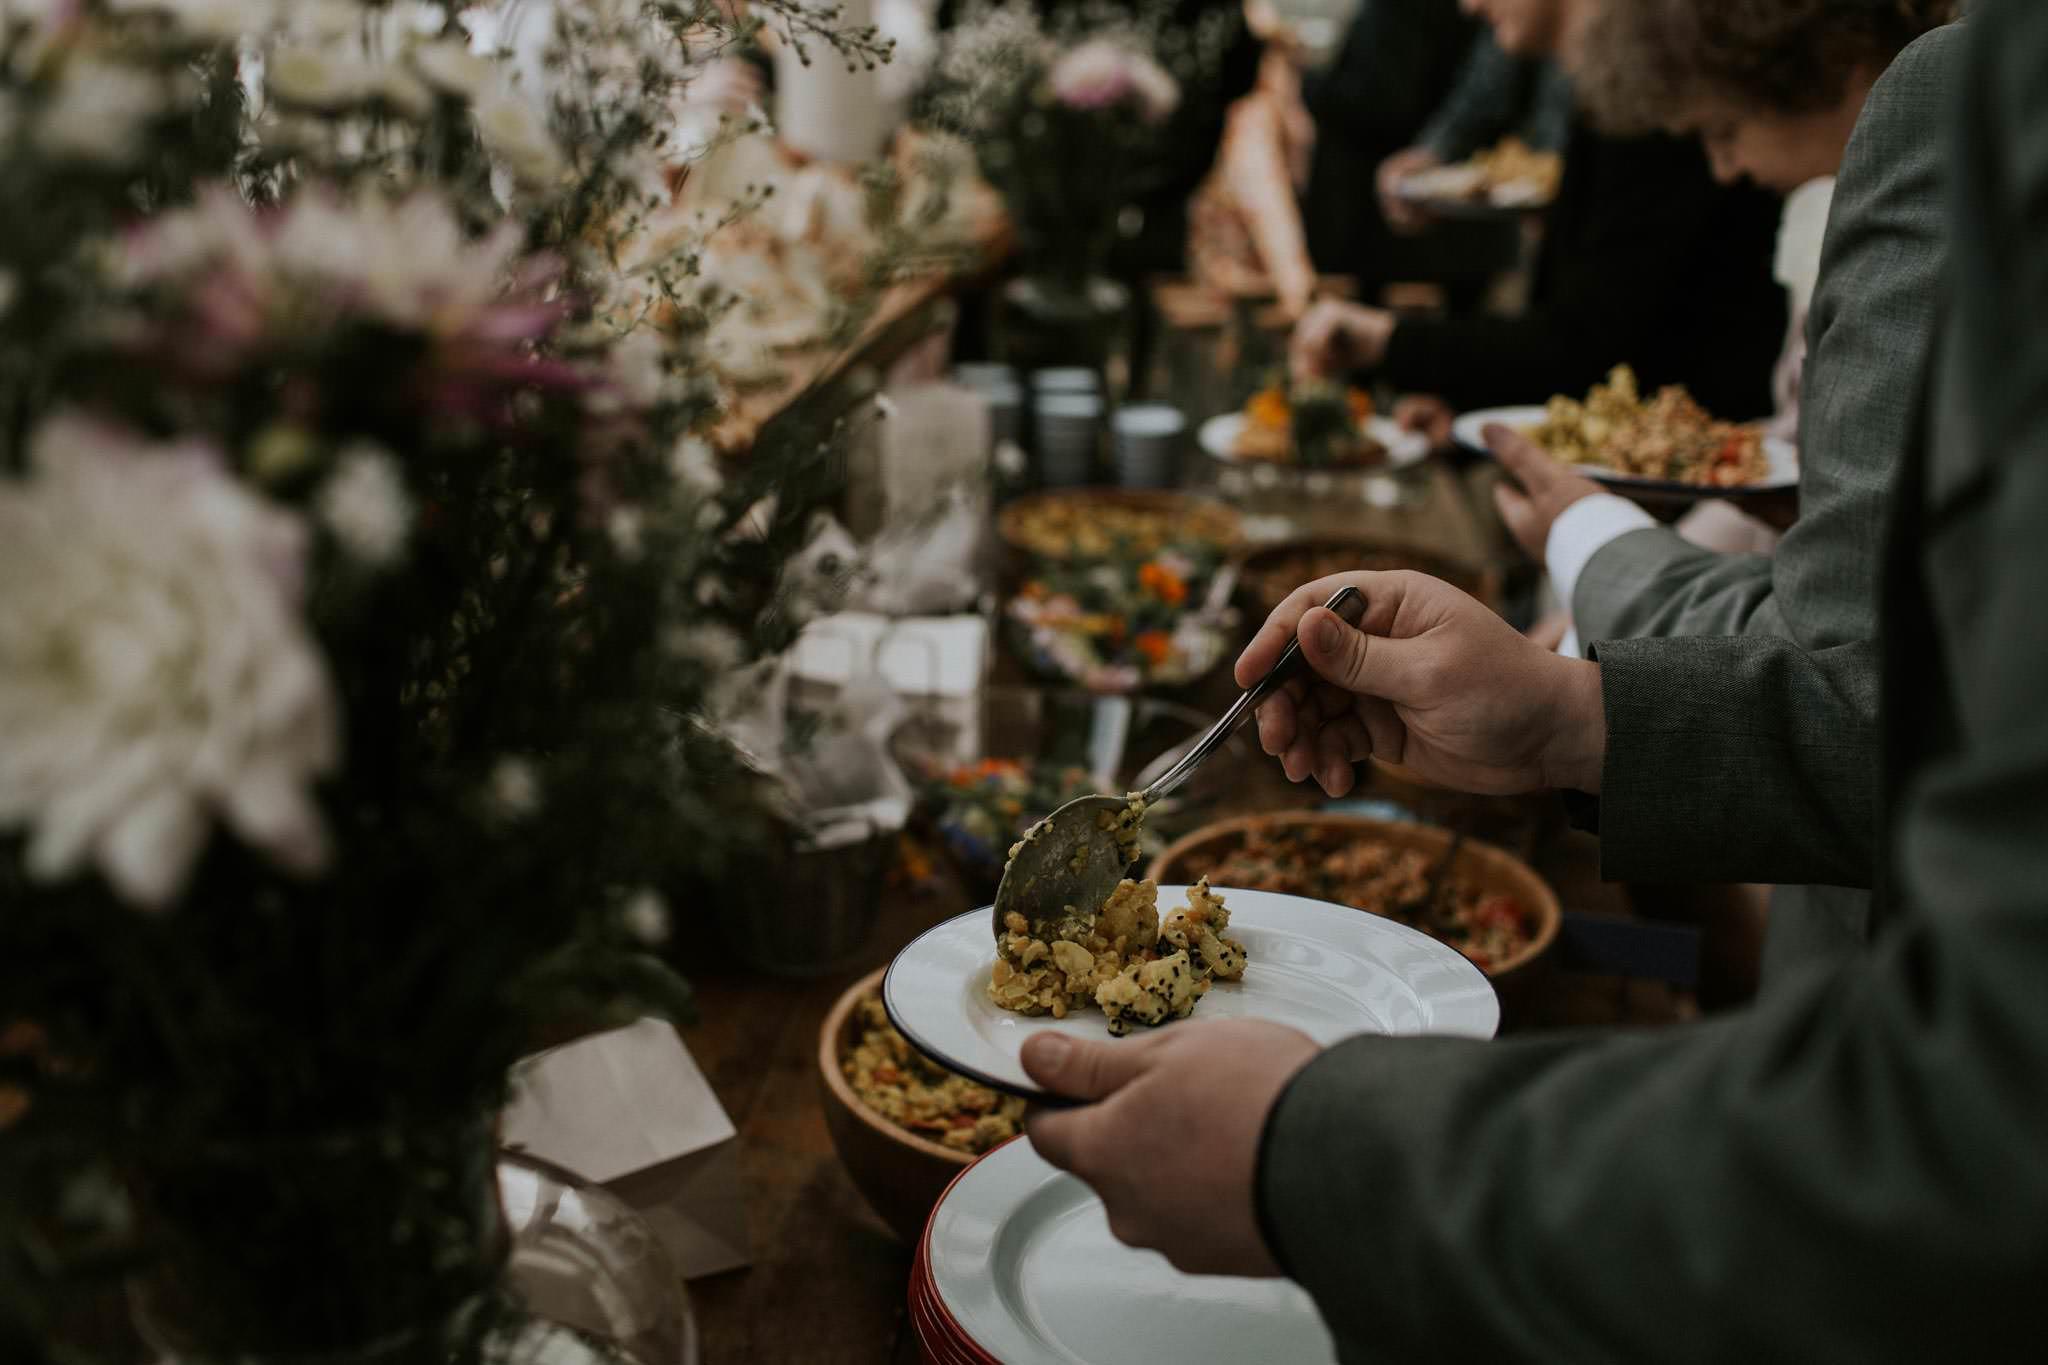 secret-herb-garden-edinburgh-vegan-wedding-105